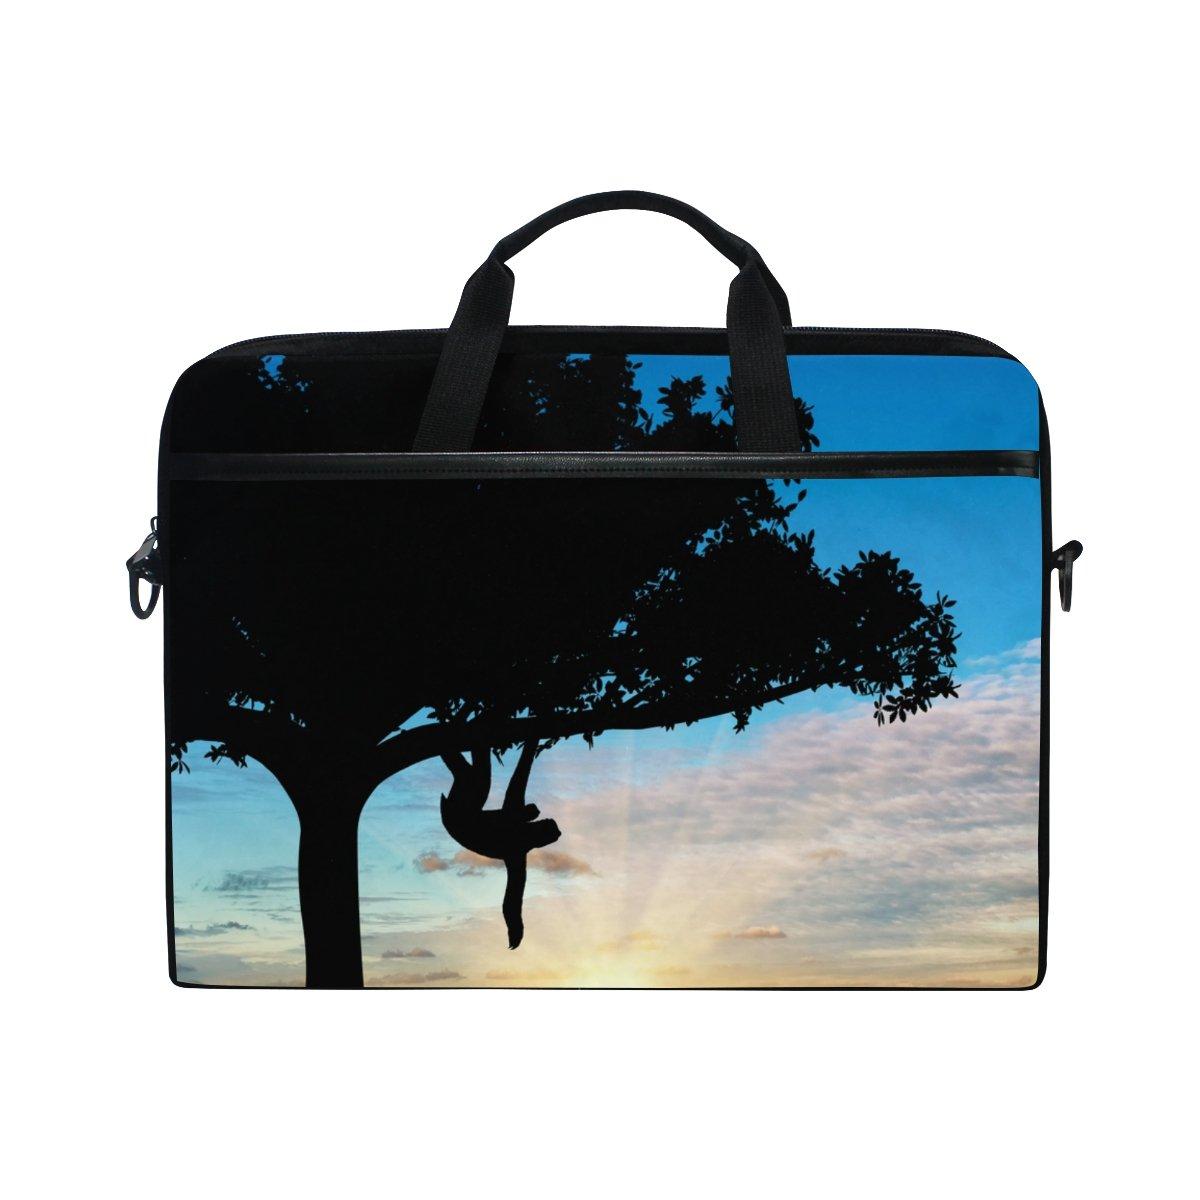 3e27d1964b 60%OFF ALAZA Sloth In A Tree Laptop Bag Shoulder Bag Briefcase Messenger  Tablet Bag